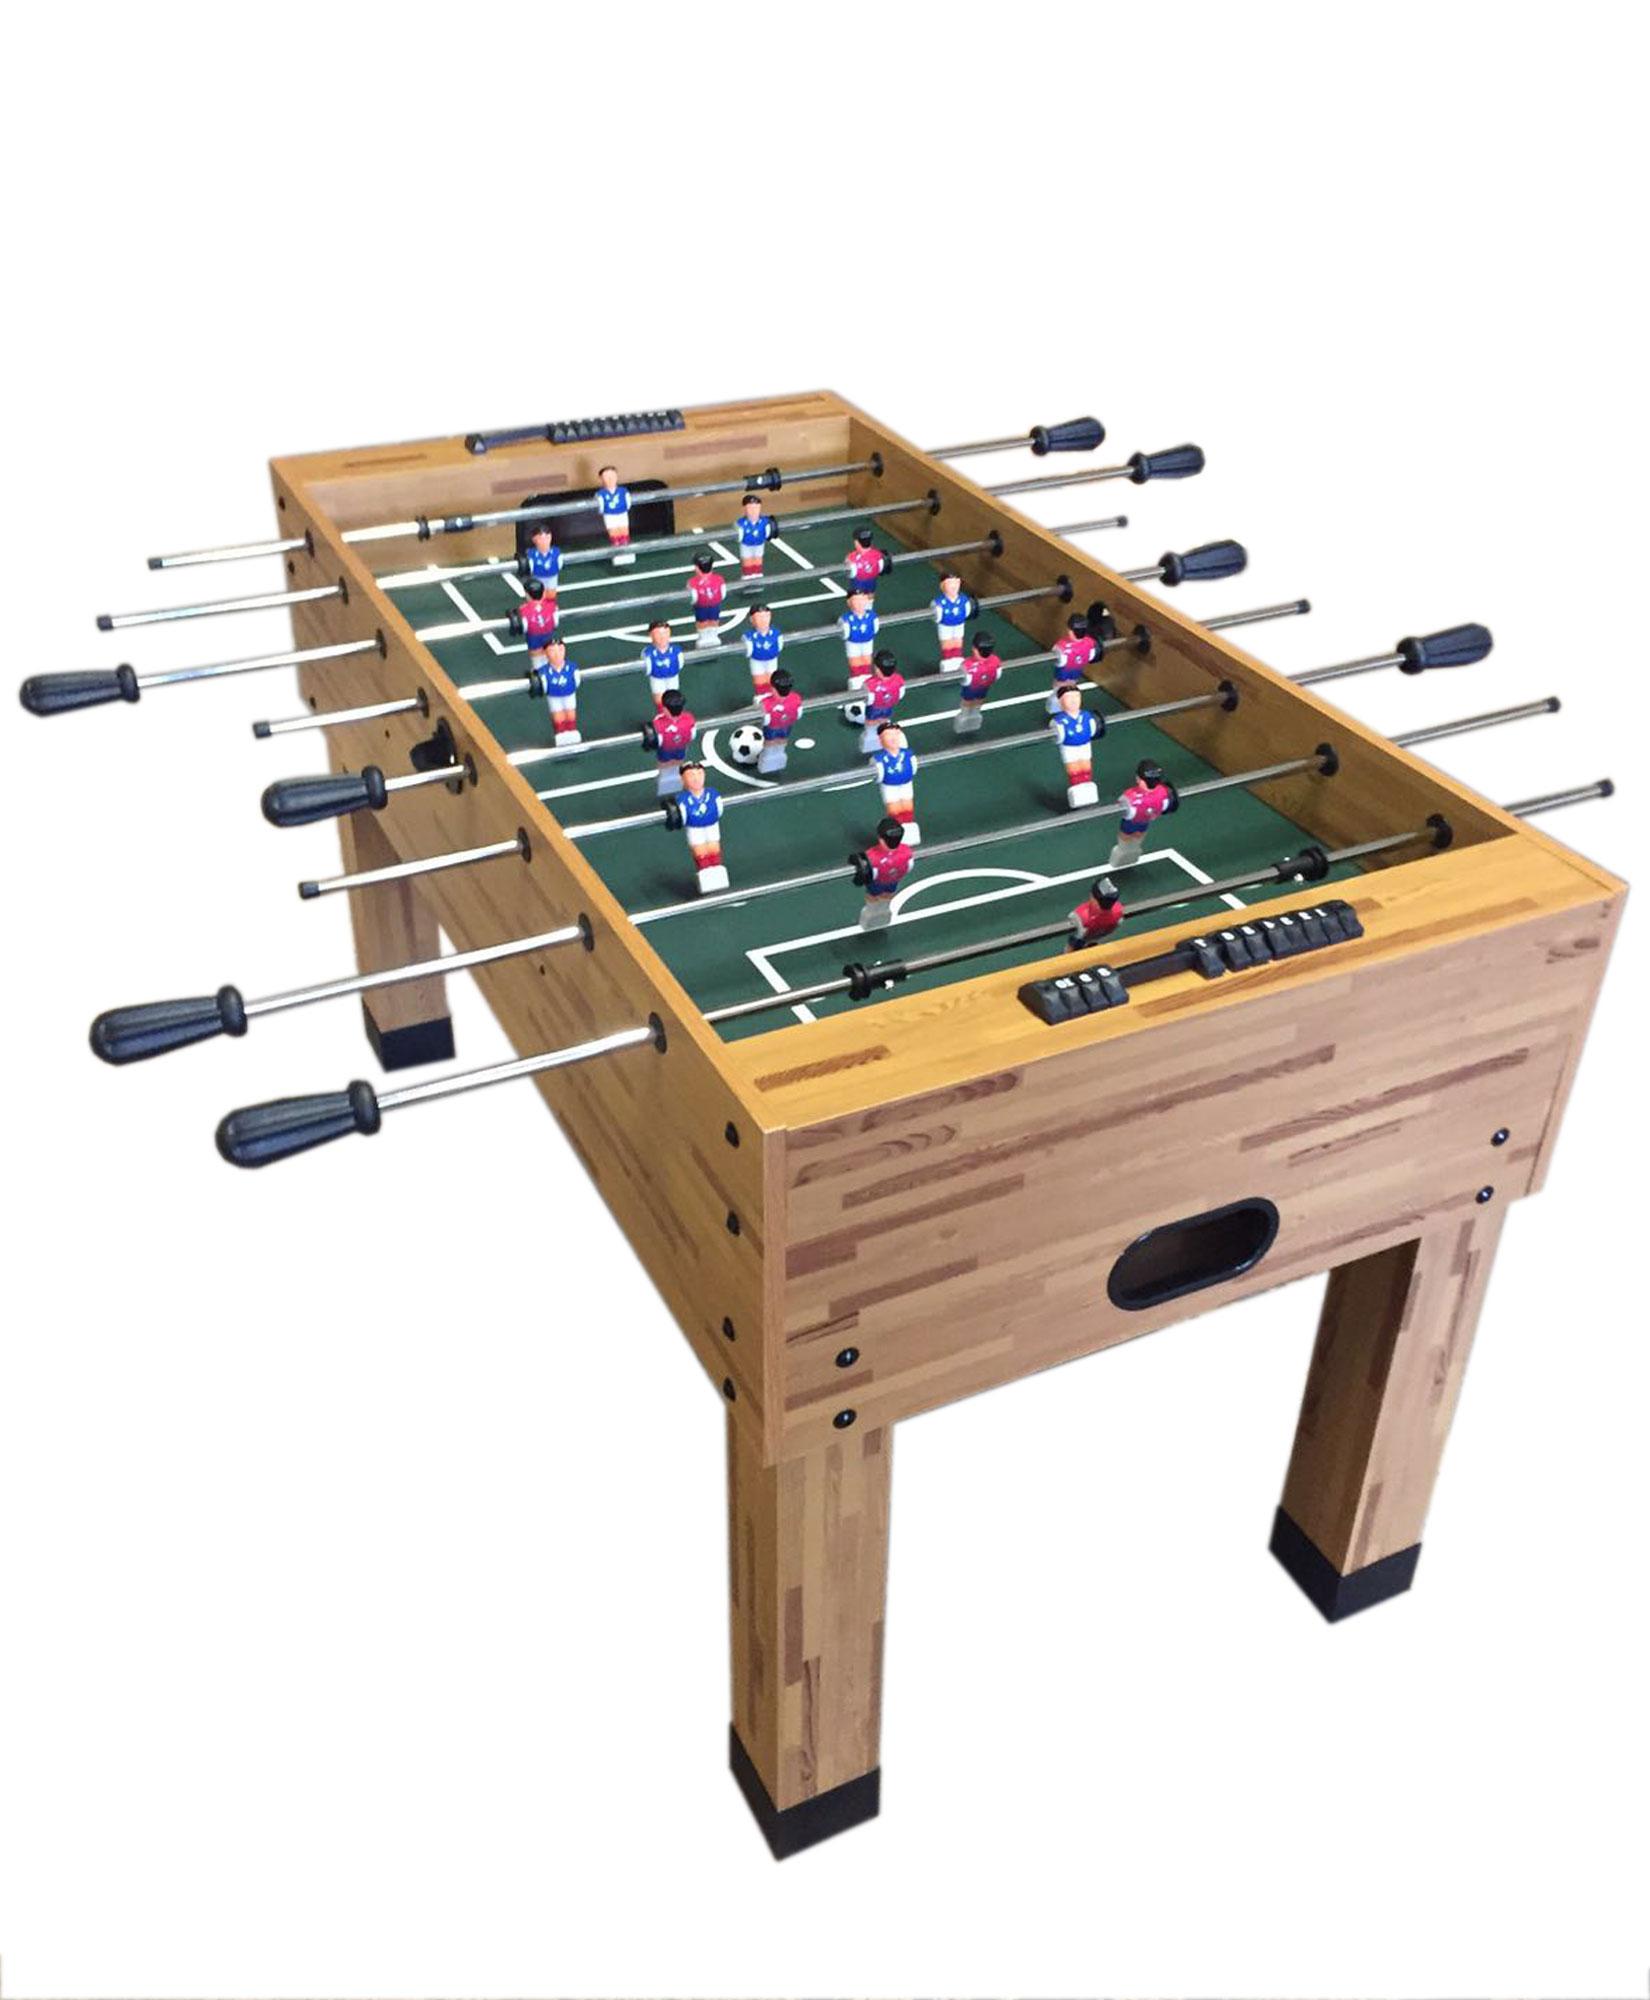 FOOTBALL TABLE 55 INCHES Calcetto-Maracana-senzalogo